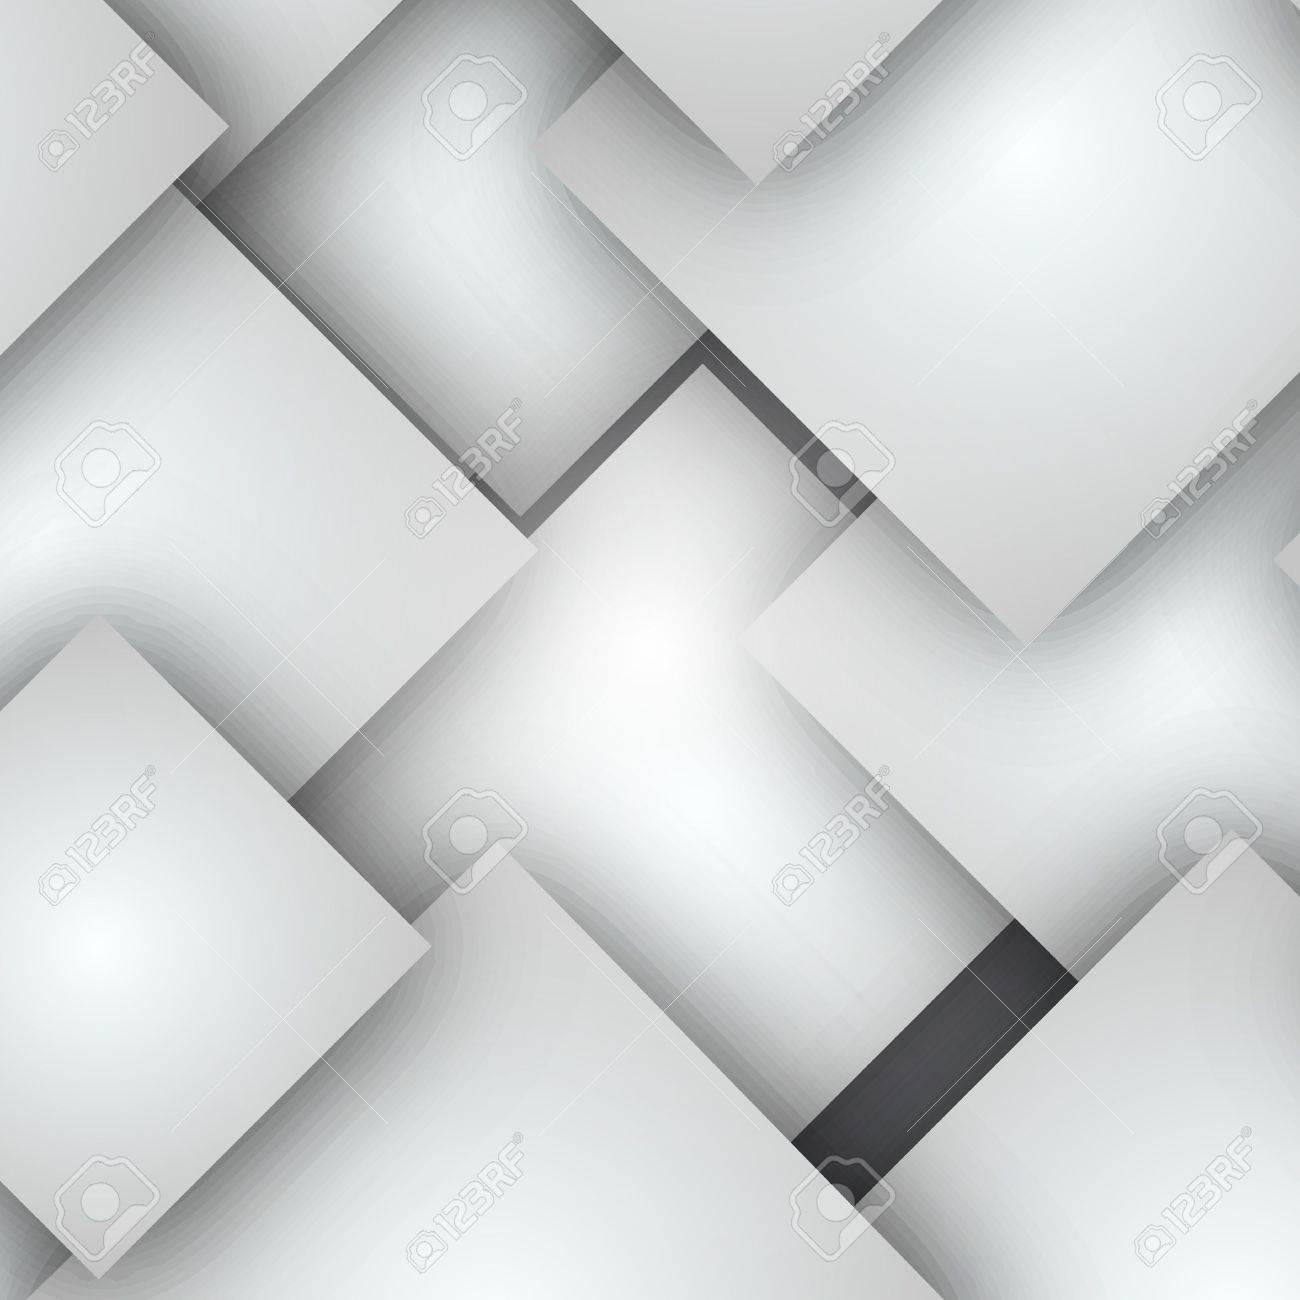 Place Arriere Plan Blanc Clip Art Libres De Droits Vecteurs Et Illustration Image 14426216